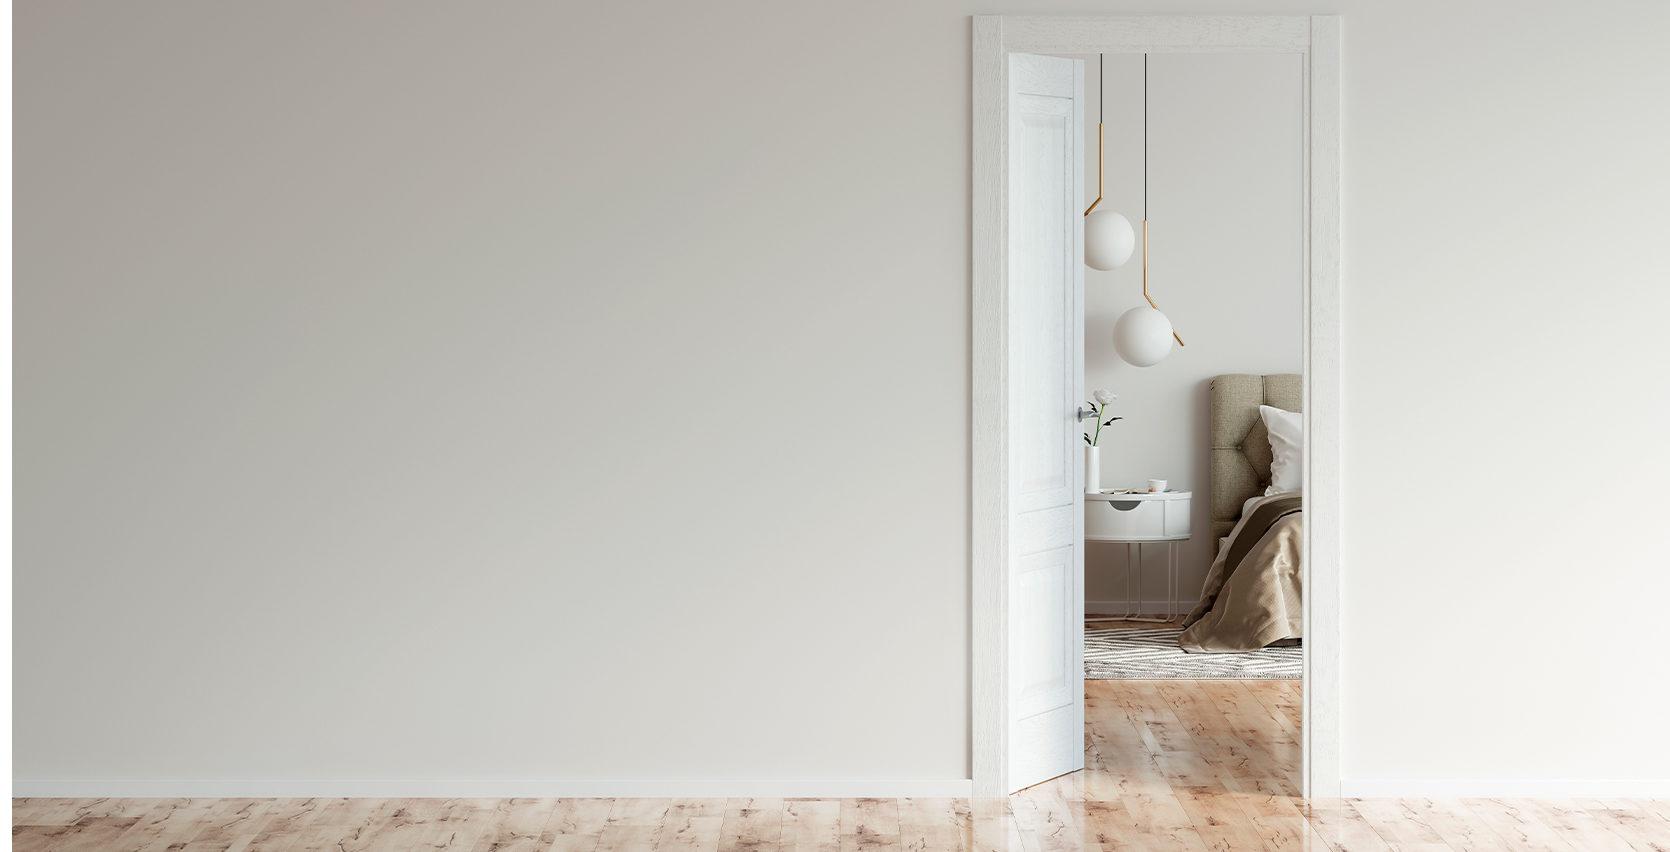 Hvit vegg med en åpen dør som går inn til soverommet